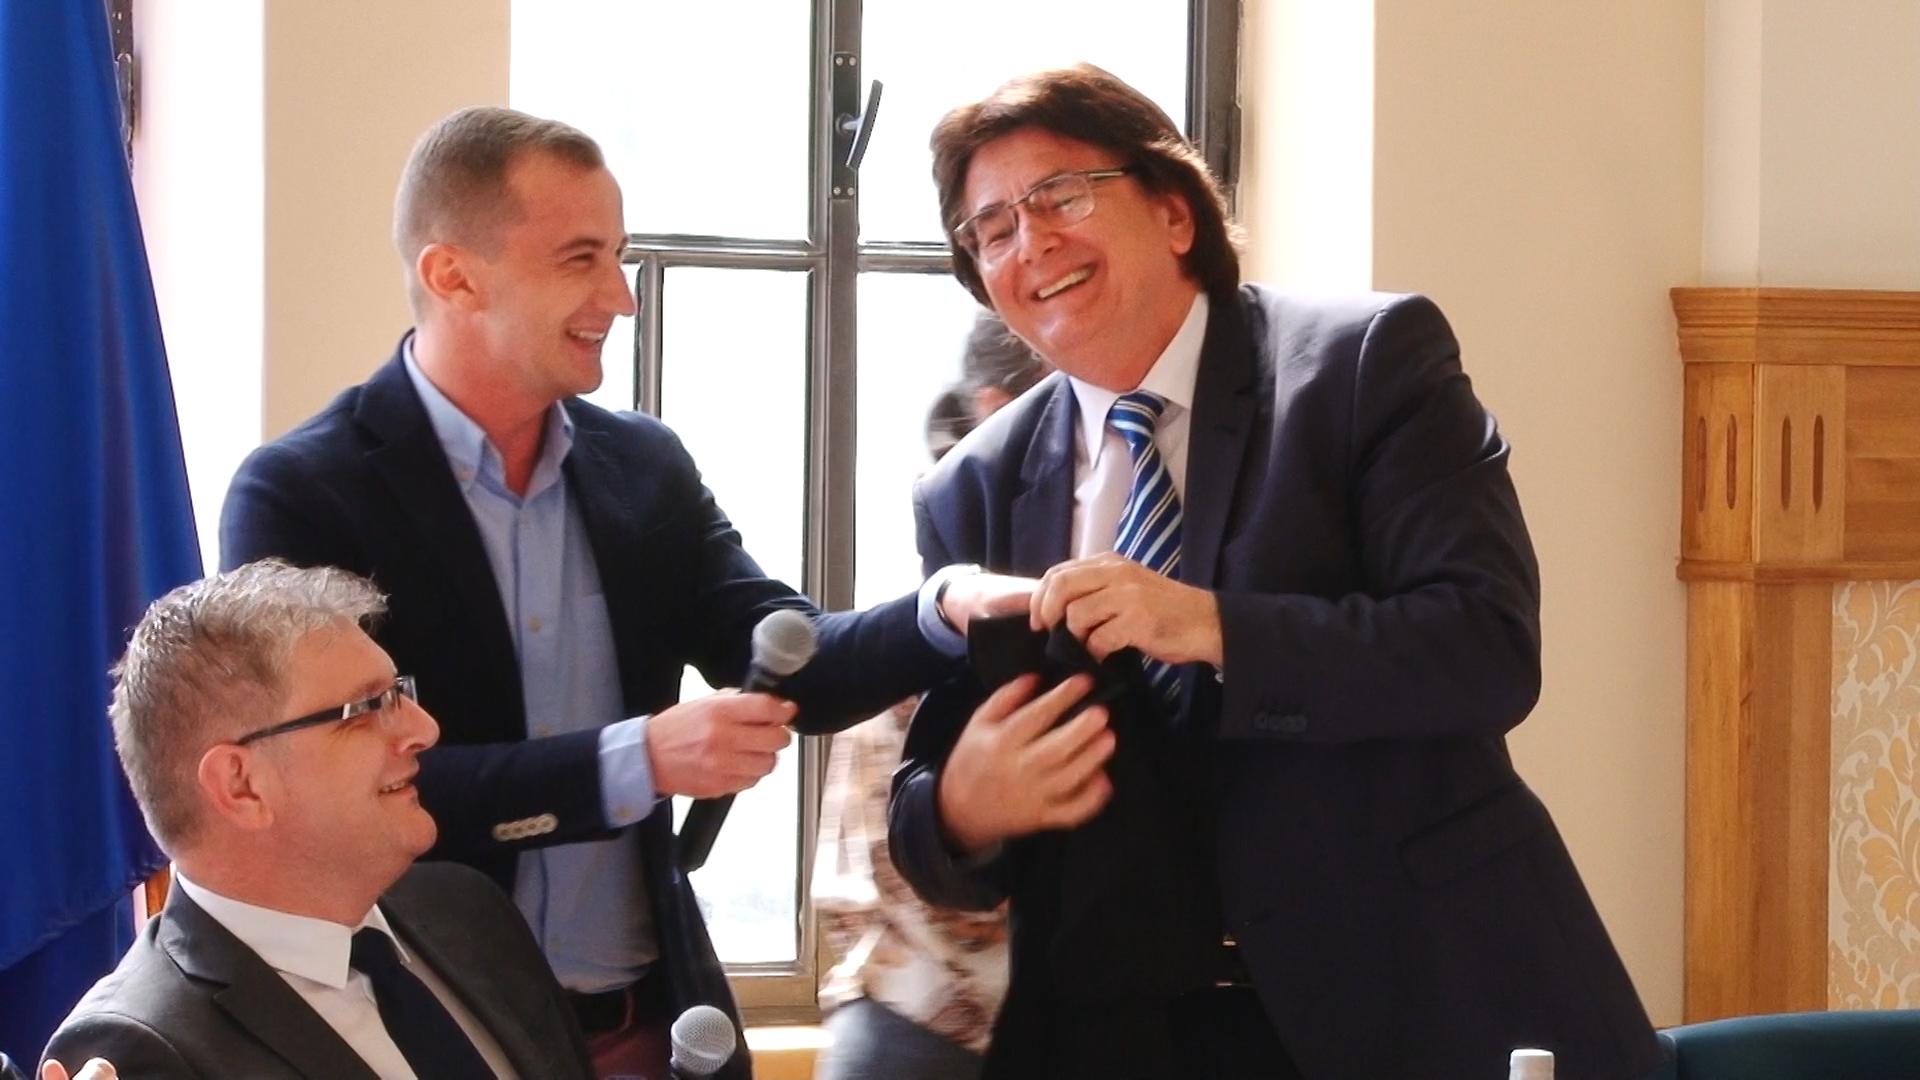 Primarul Robu şi consilierul Simonis, dispută pe… anchetatul Popoviciu.Still004